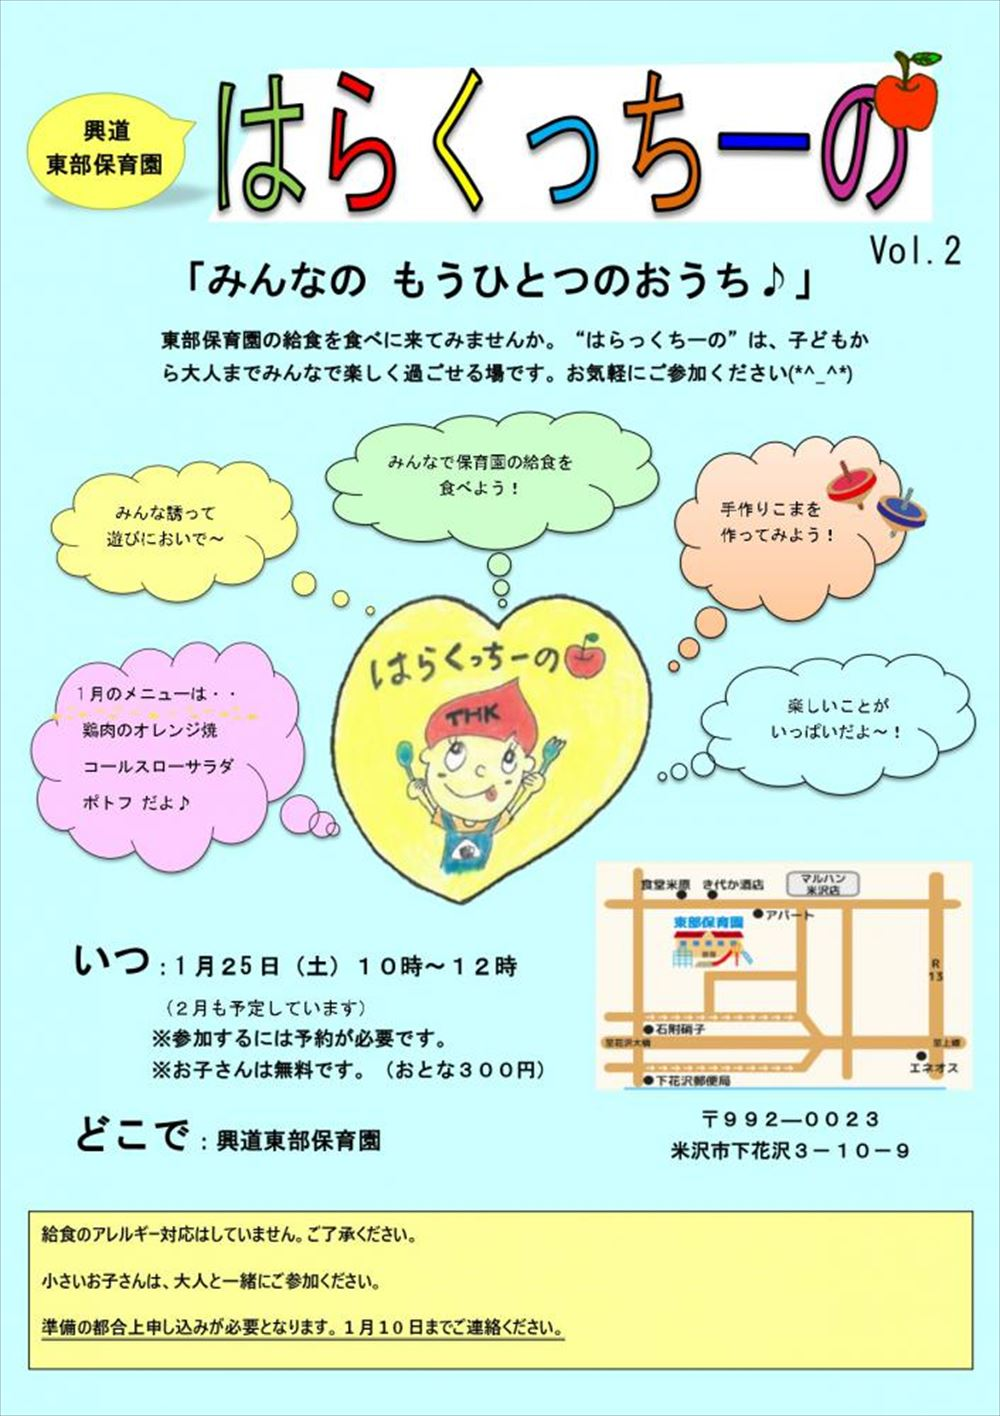 はらくっちーの vol.1